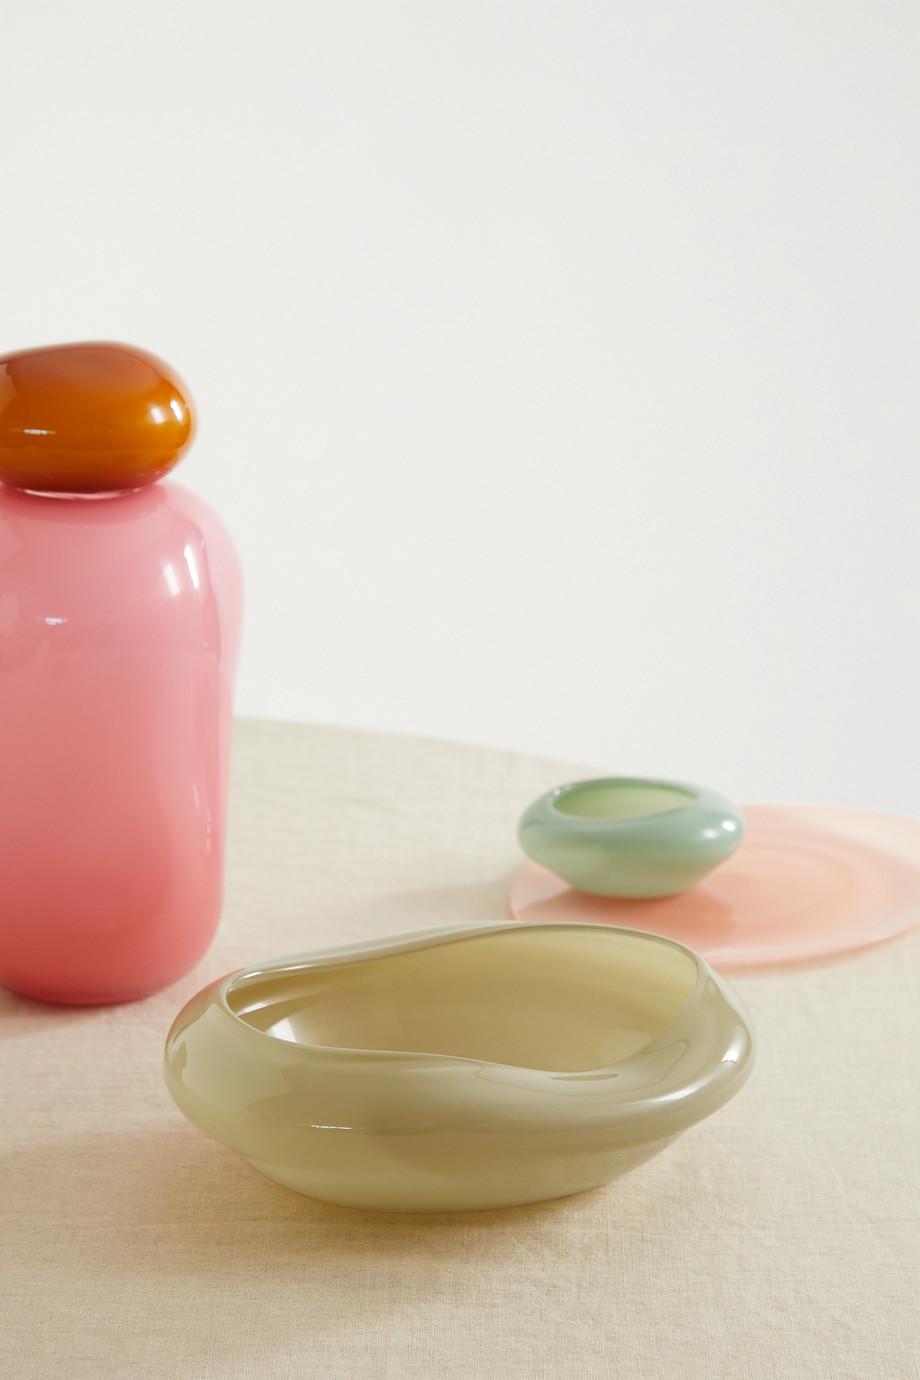 Helle Mardahl Candy Medi Schale aus Glas